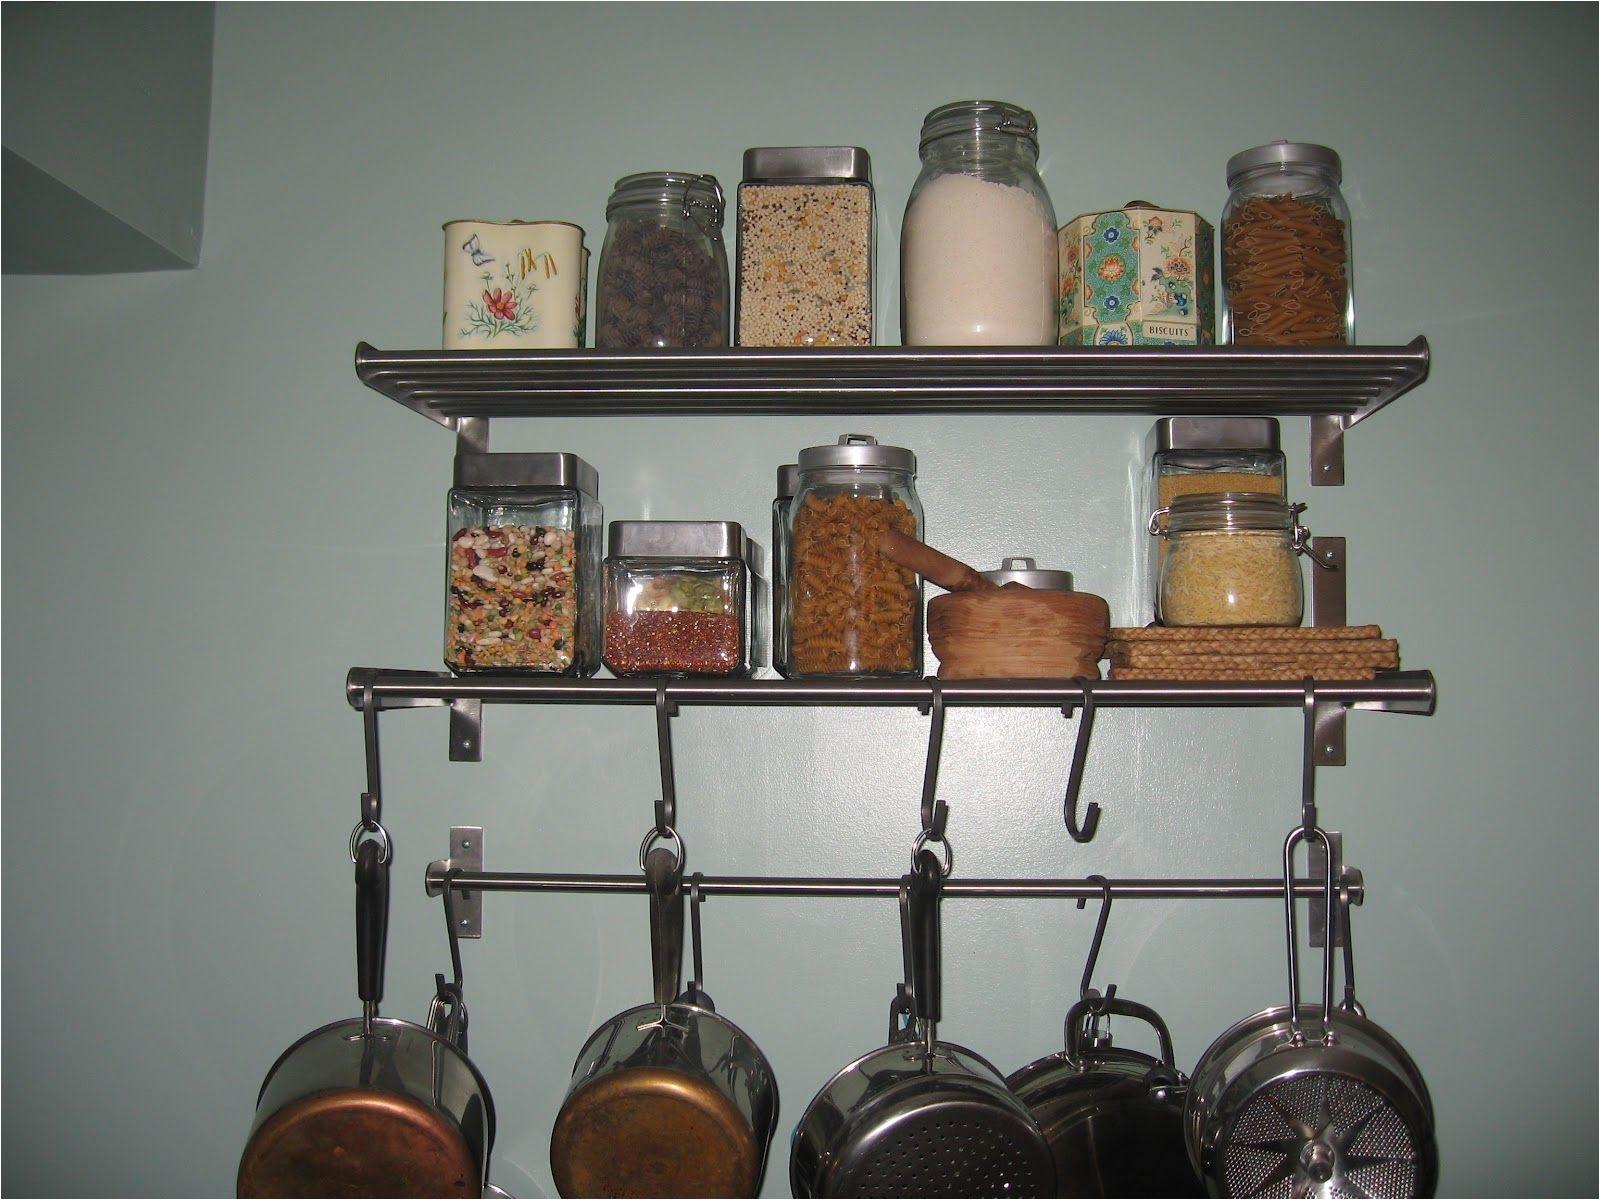 wall shelves design wooden wall shelves home depot design 2017 home depot wall mounted shelf home decor wall shelves wall mounted decorative wood